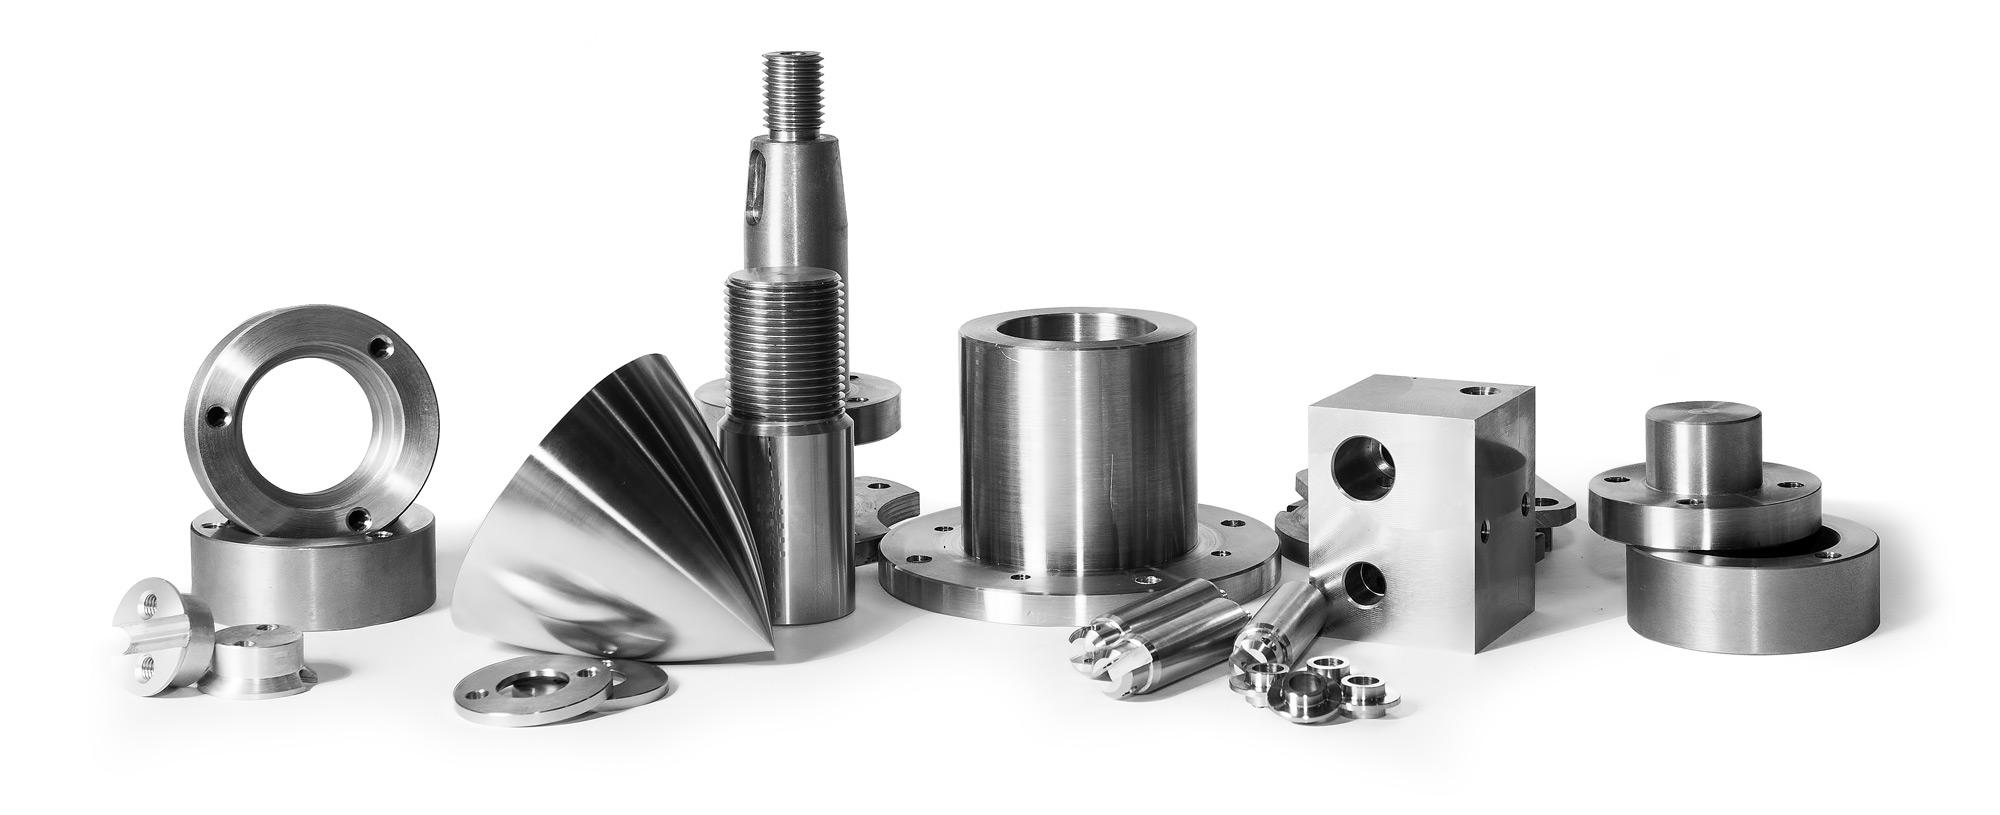 токарно-фрезерная обработка металла: шкив, вал, фланец, штуцер, шестеренки, метизы